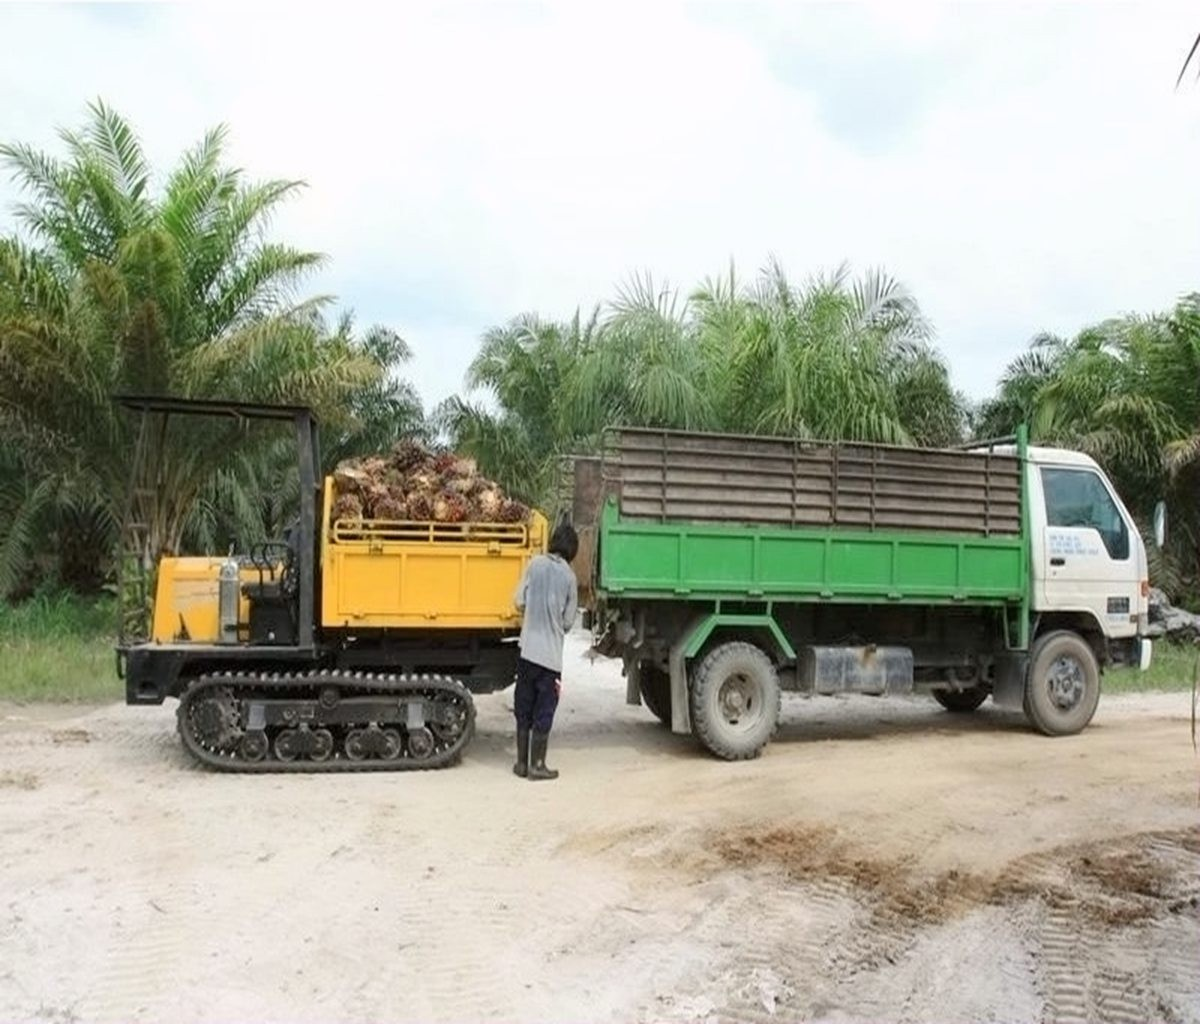 Beli  Palm Full Rubber Crawler Dumper,Palm Full Rubber Crawler Dumper Harga,Palm Full Rubber Crawler Dumper Merek,Palm Full Rubber Crawler Dumper Produsen,Palm Full Rubber Crawler Dumper Quotes,Palm Full Rubber Crawler Dumper Perusahaan,